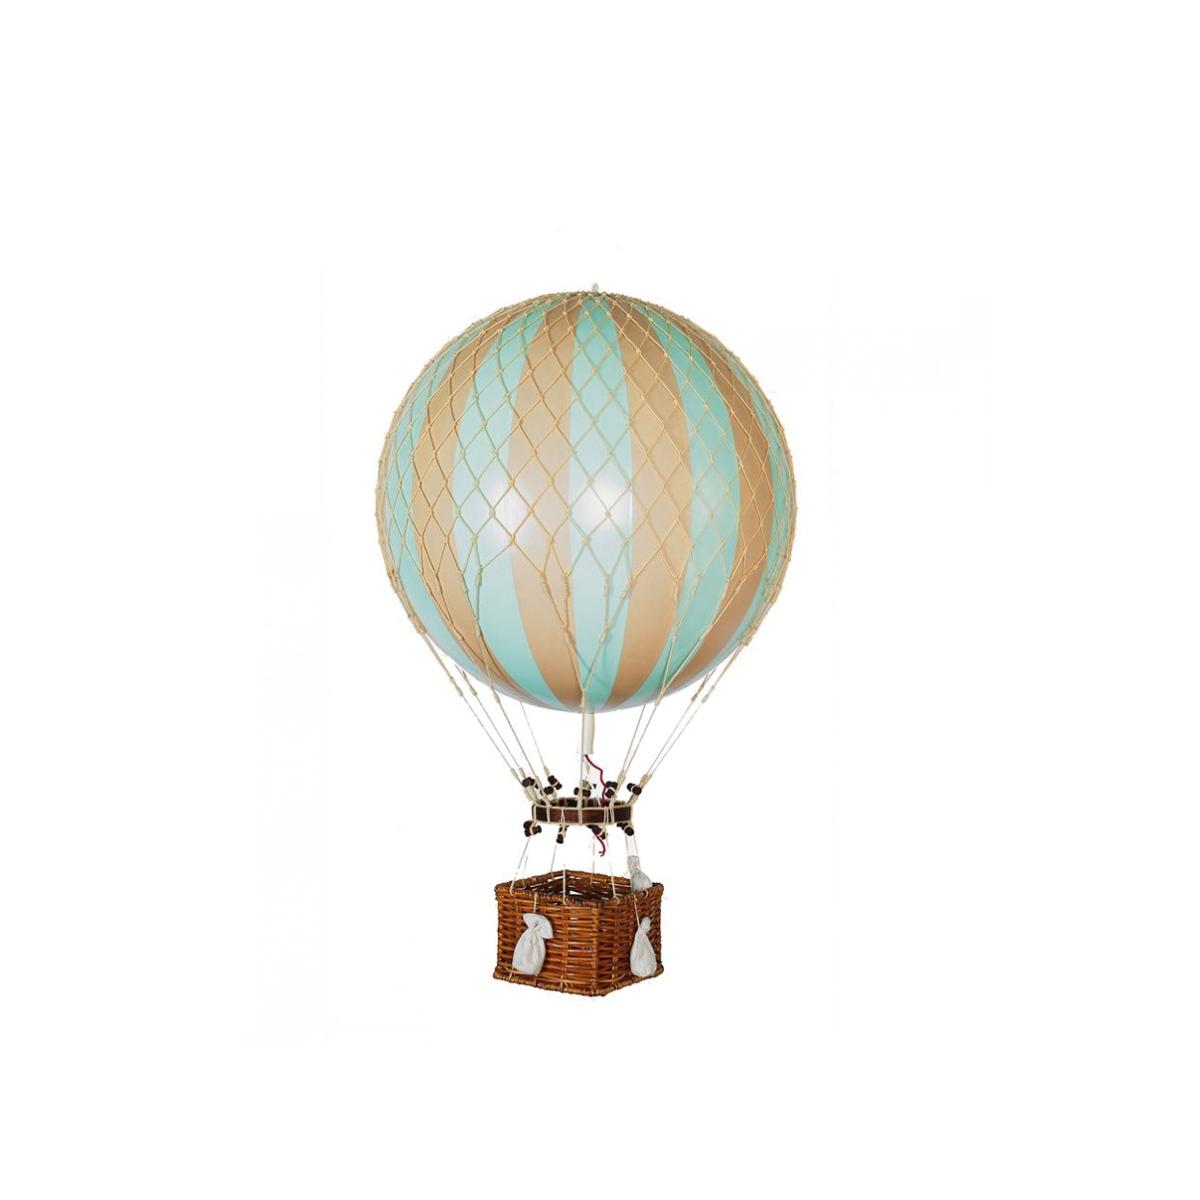 Image of Authentic Models luftballon 8,5 cm - mint